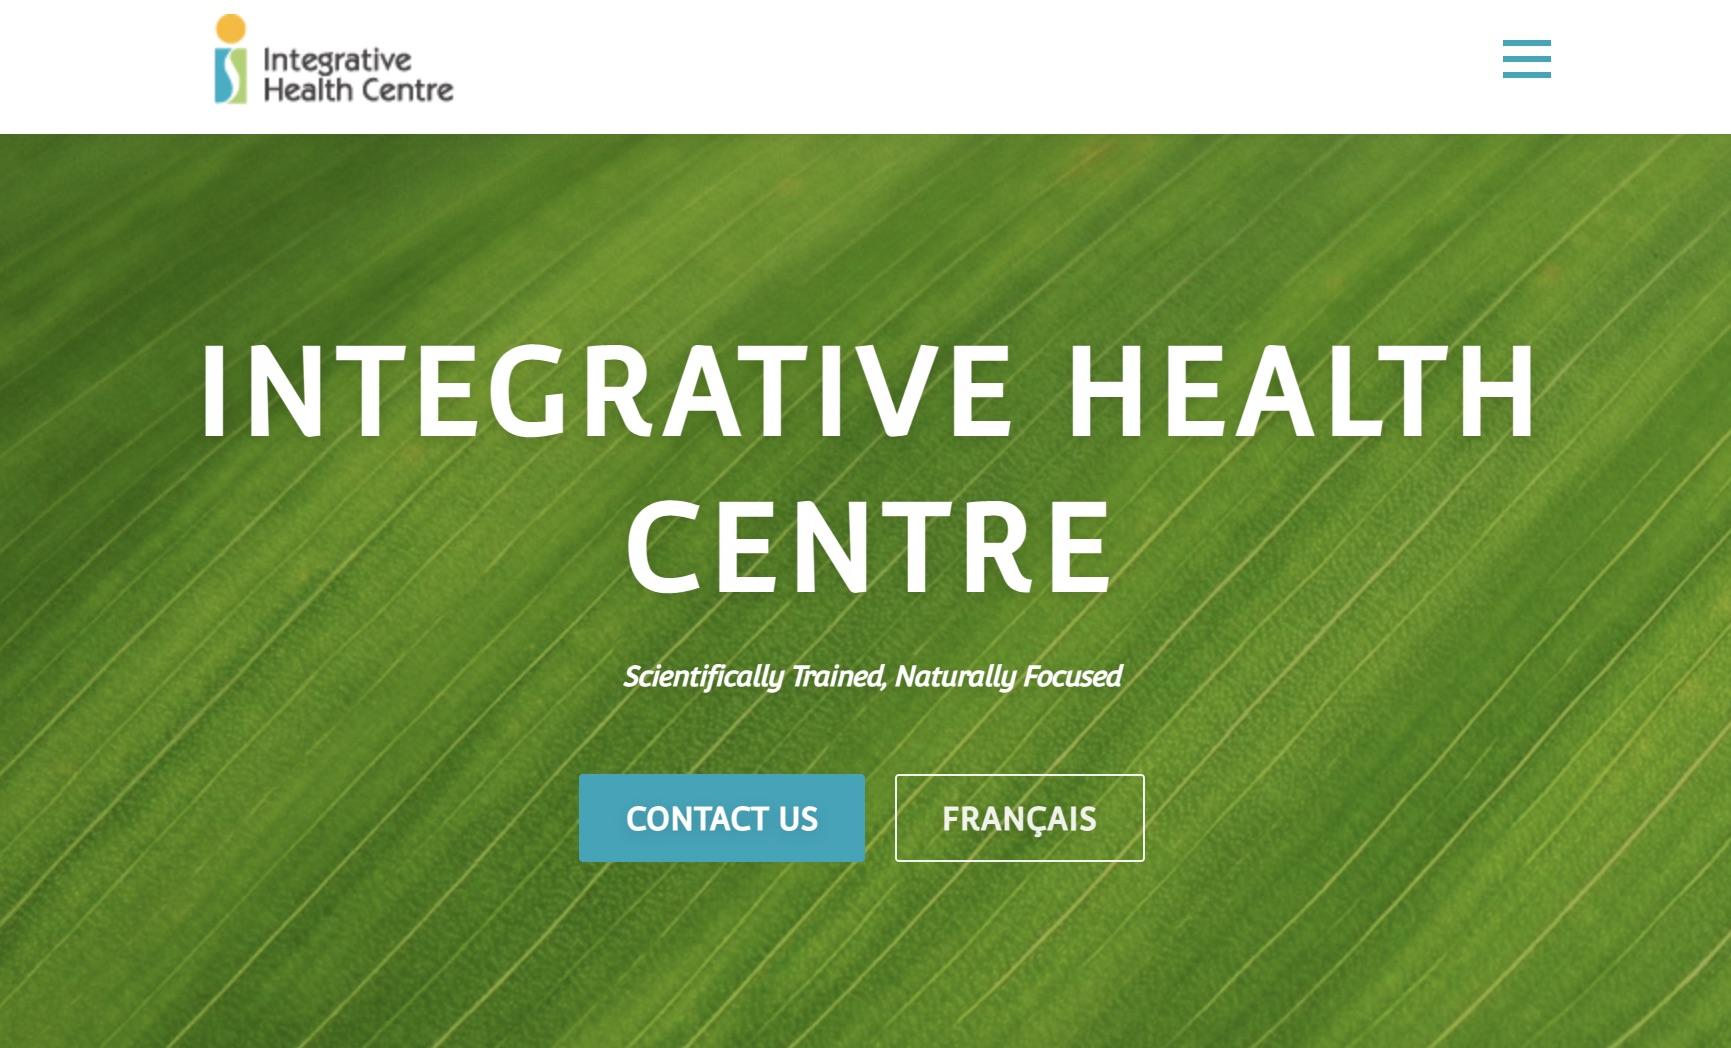 Centre Intégratif de Santé - Integrative Heath Centre - Kadeja Lefebvre, ND